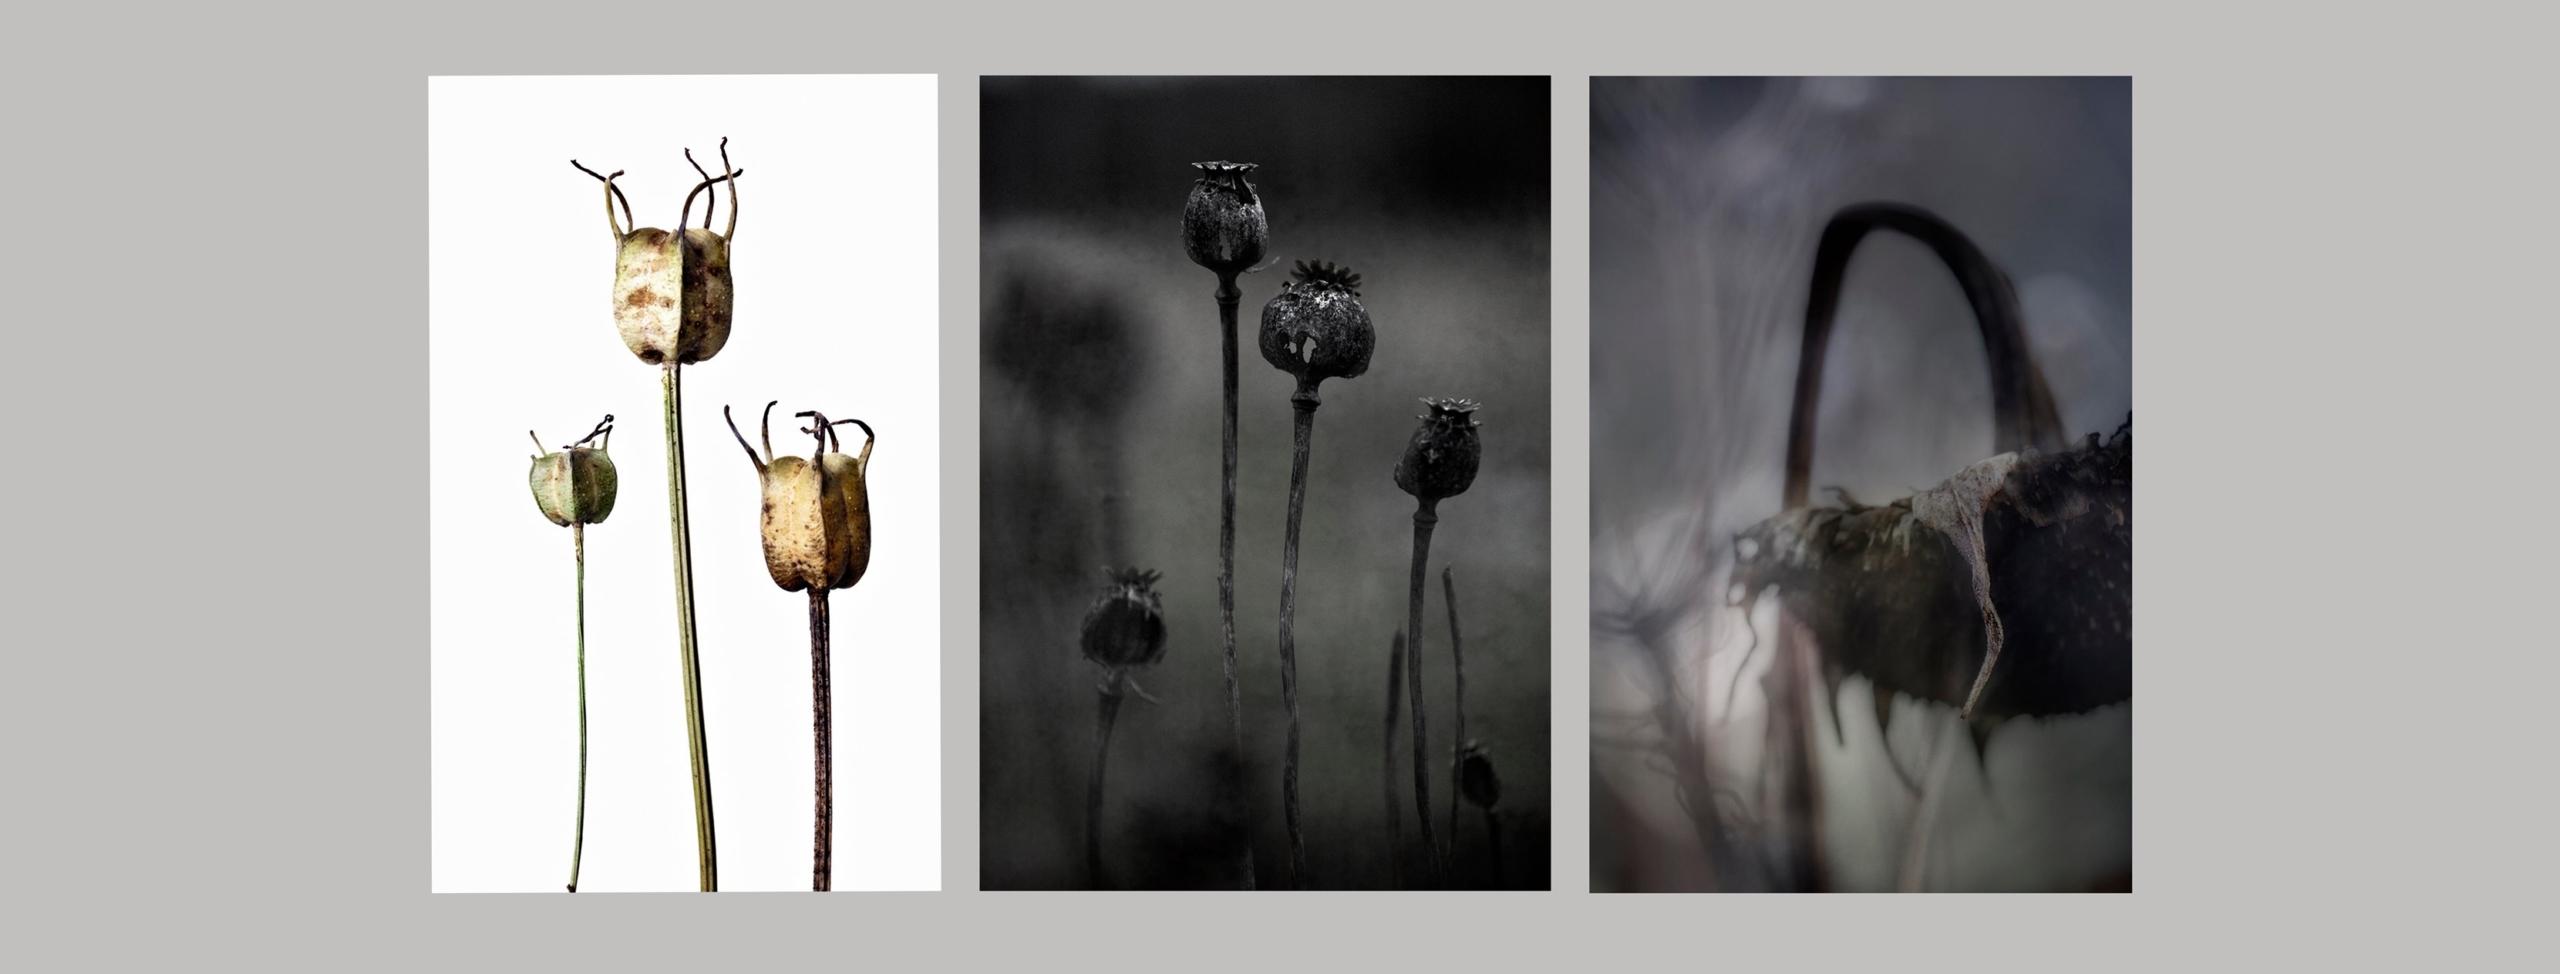 Artist talk och Workshop: Fotografi och växtlighet med Lena Granefelt